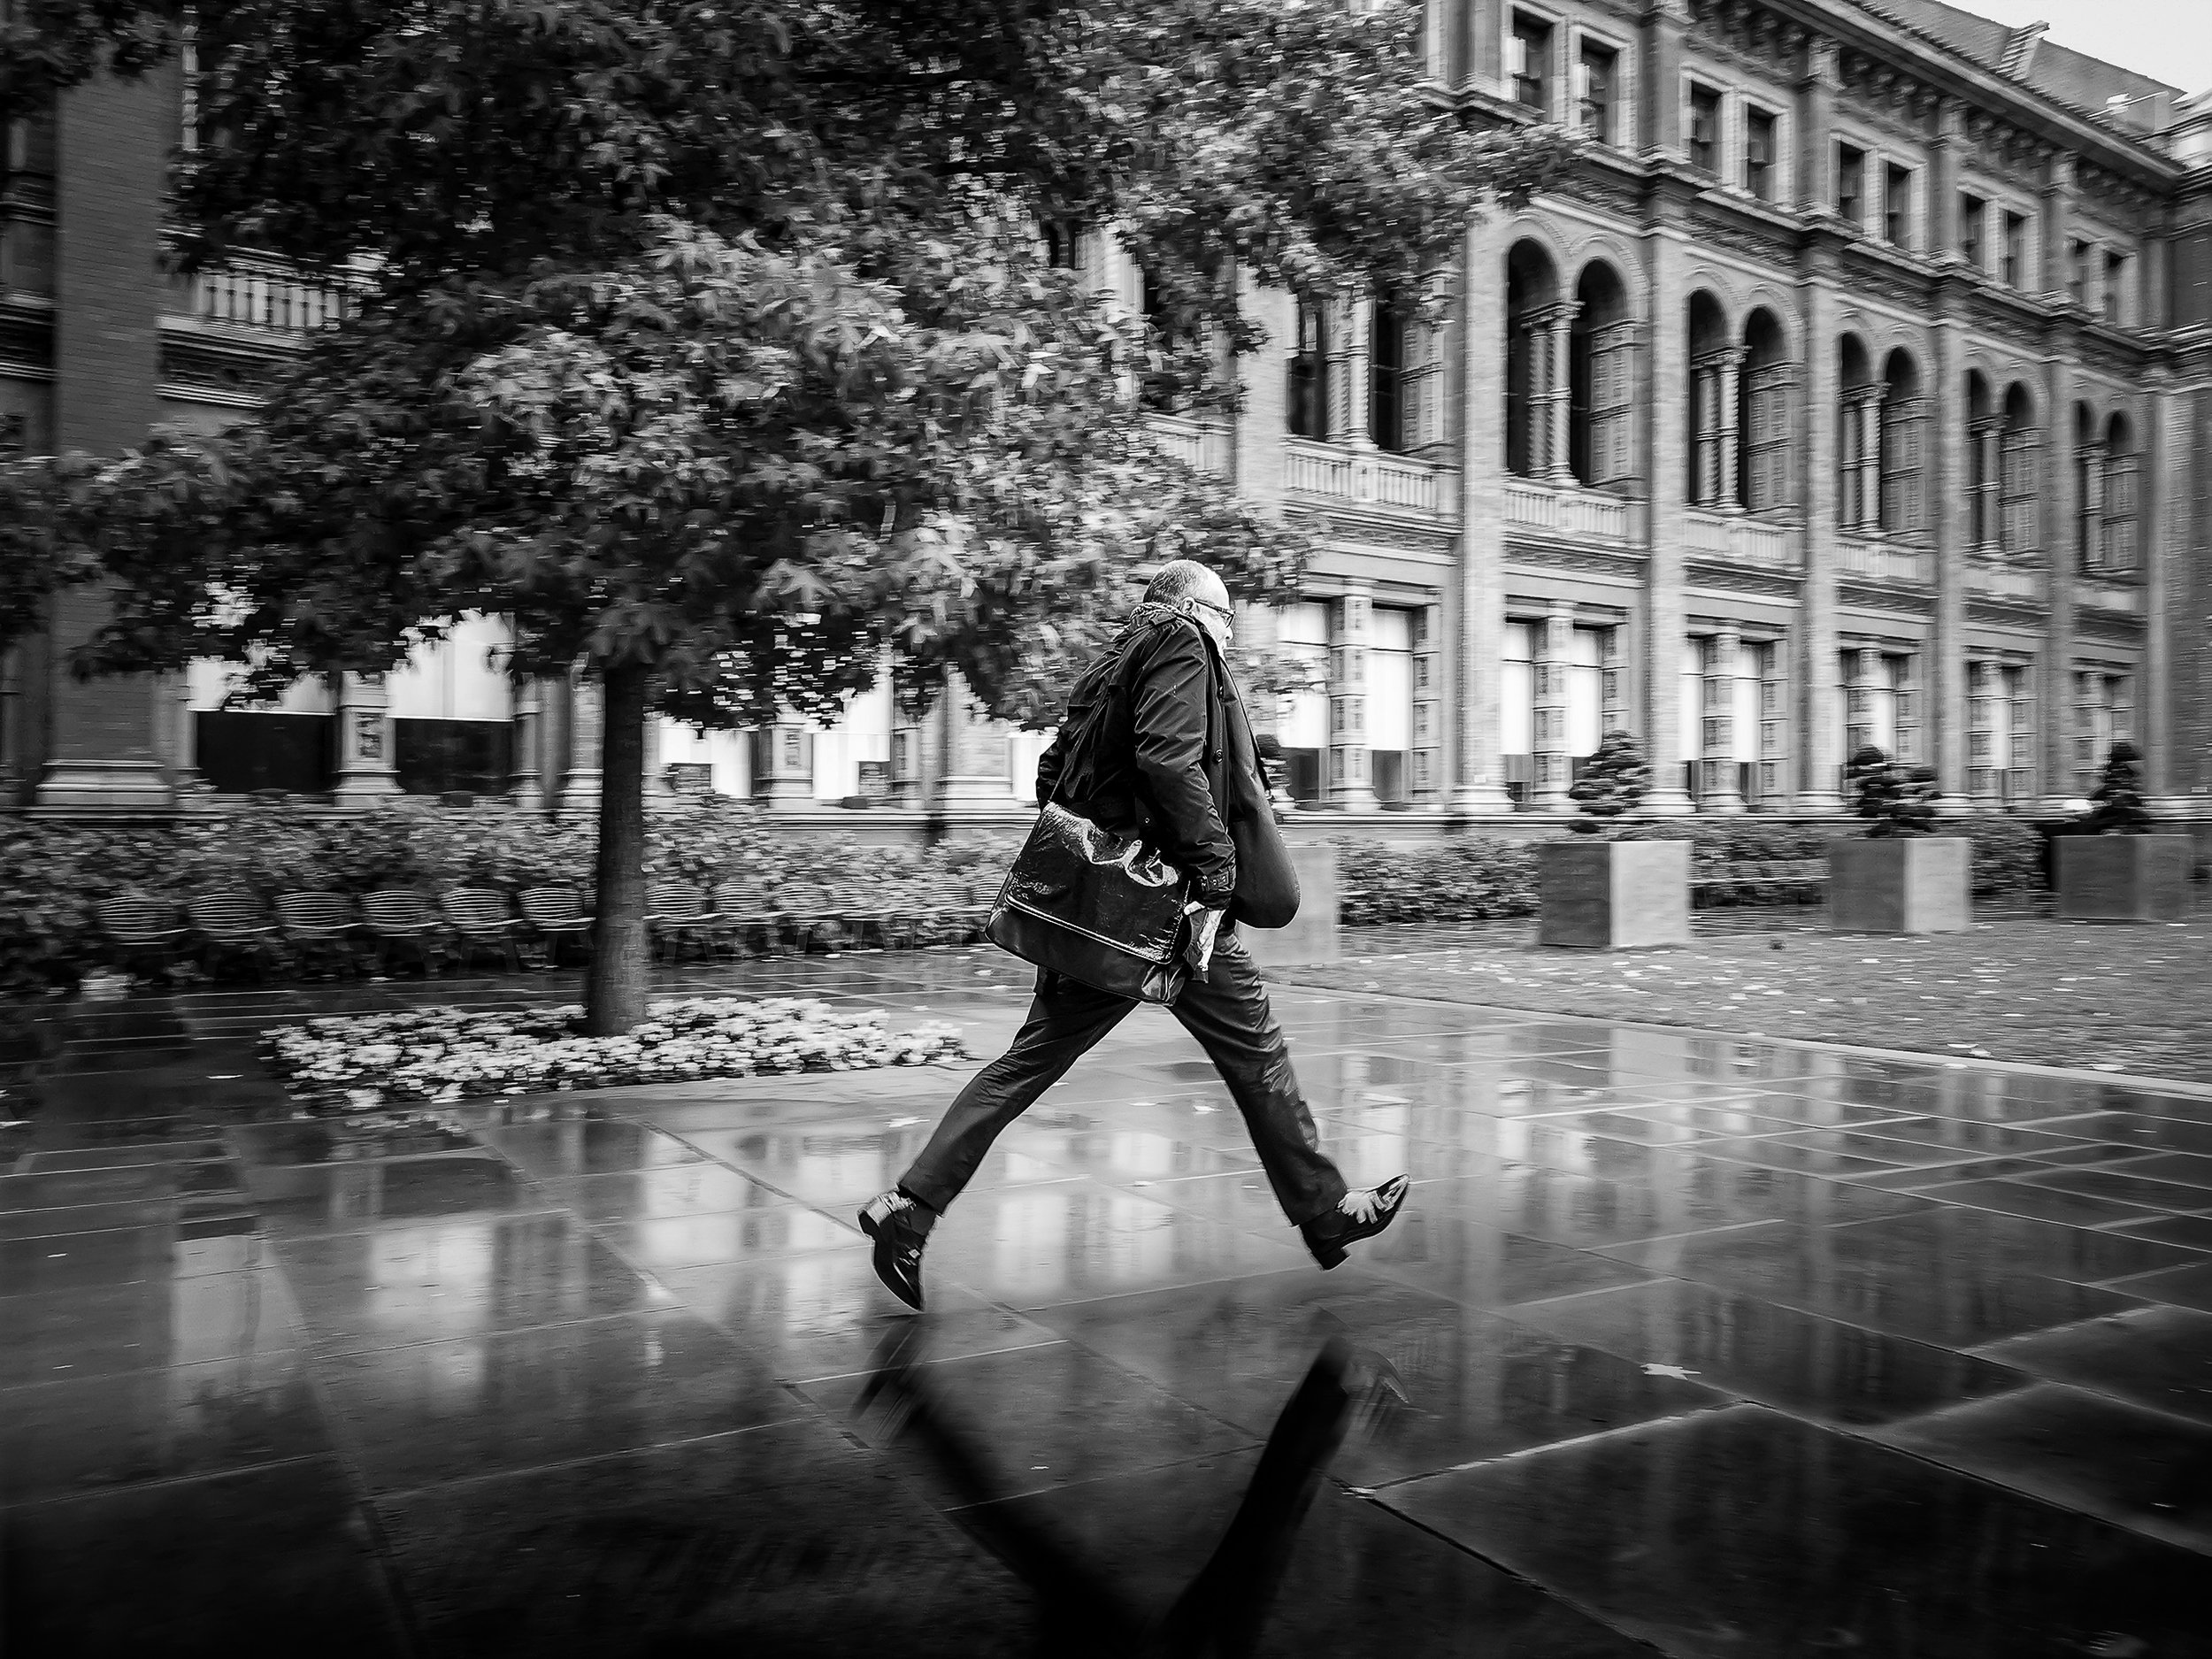 HUAWEI Mate20 Pro - Rainy London